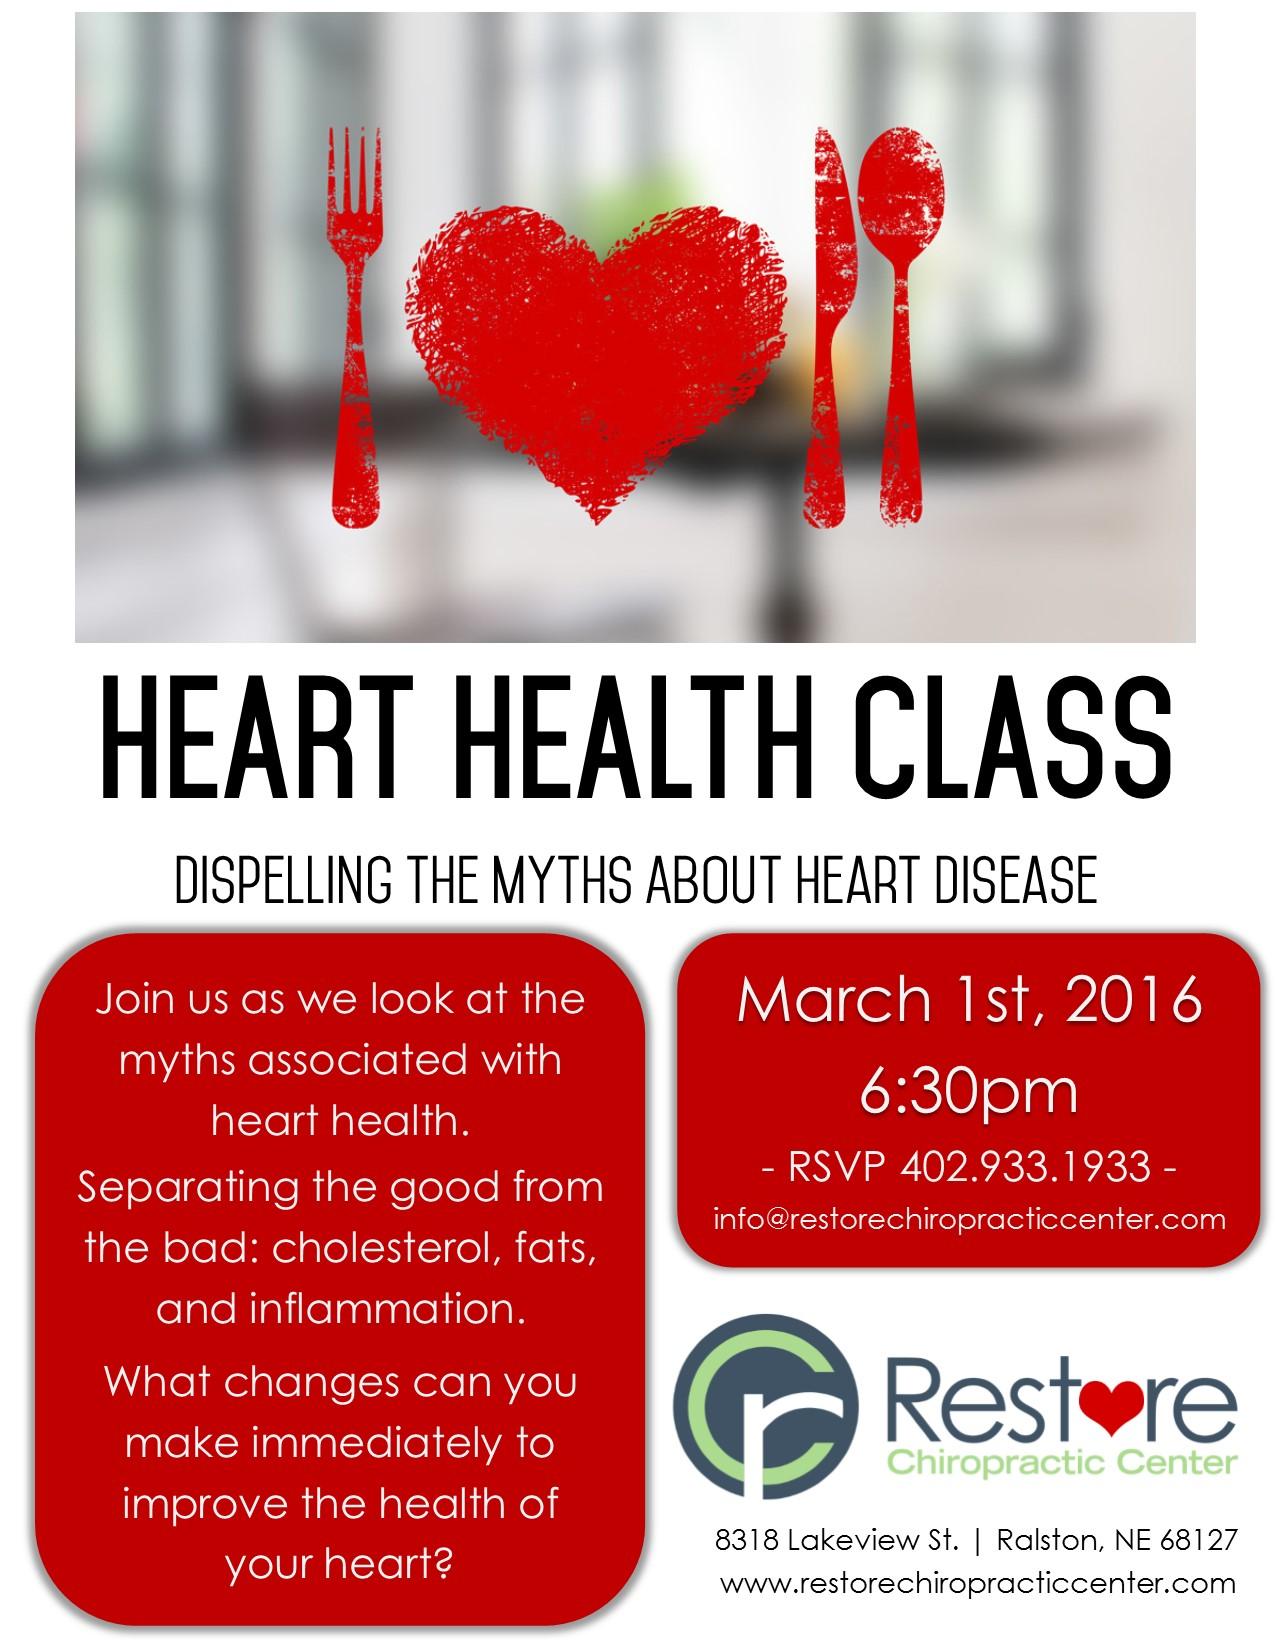 Heart Health Class 2016